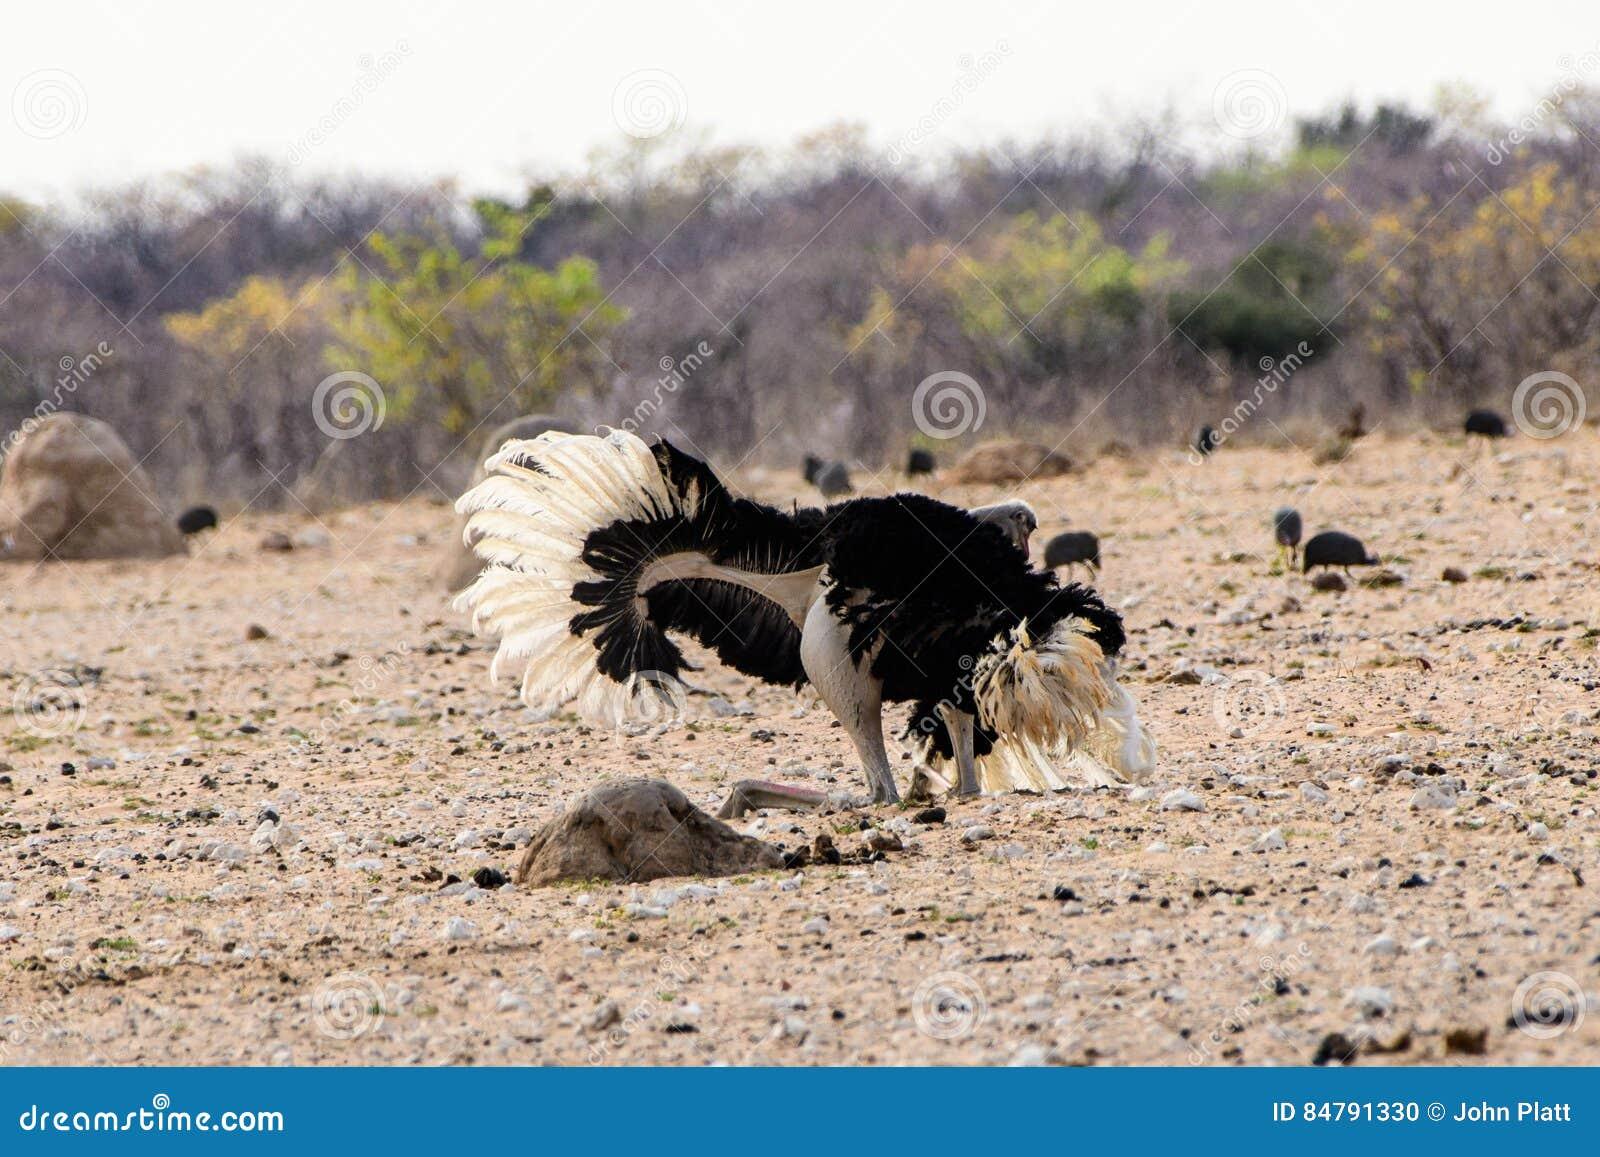 Мужской танец ухаживания страуса